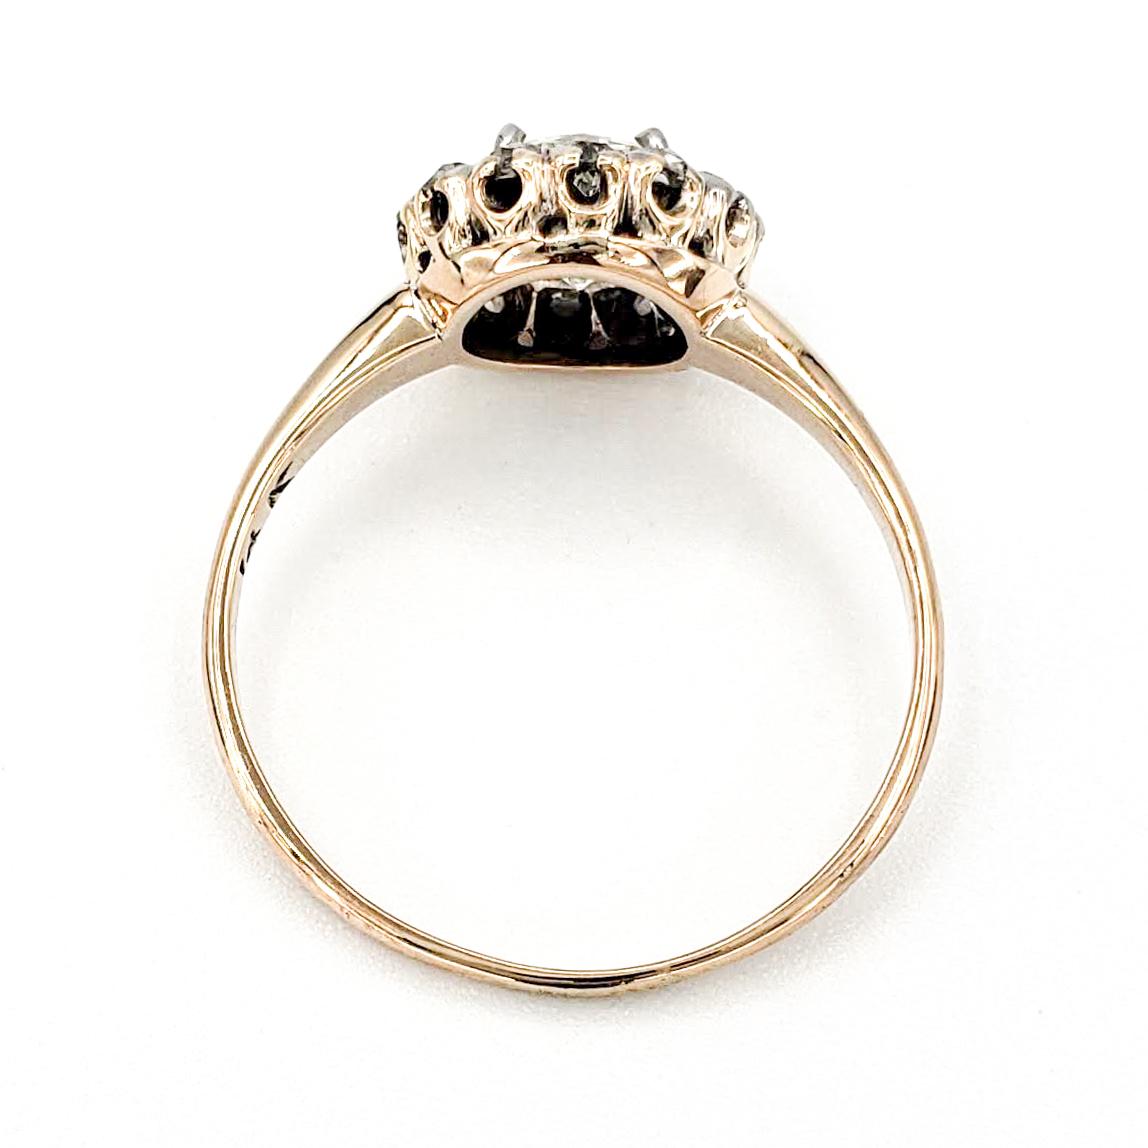 vintage-14-karat-gold-engagement-ring-with-0-85-carat-old-european-cut-diamond-egl-m-si1